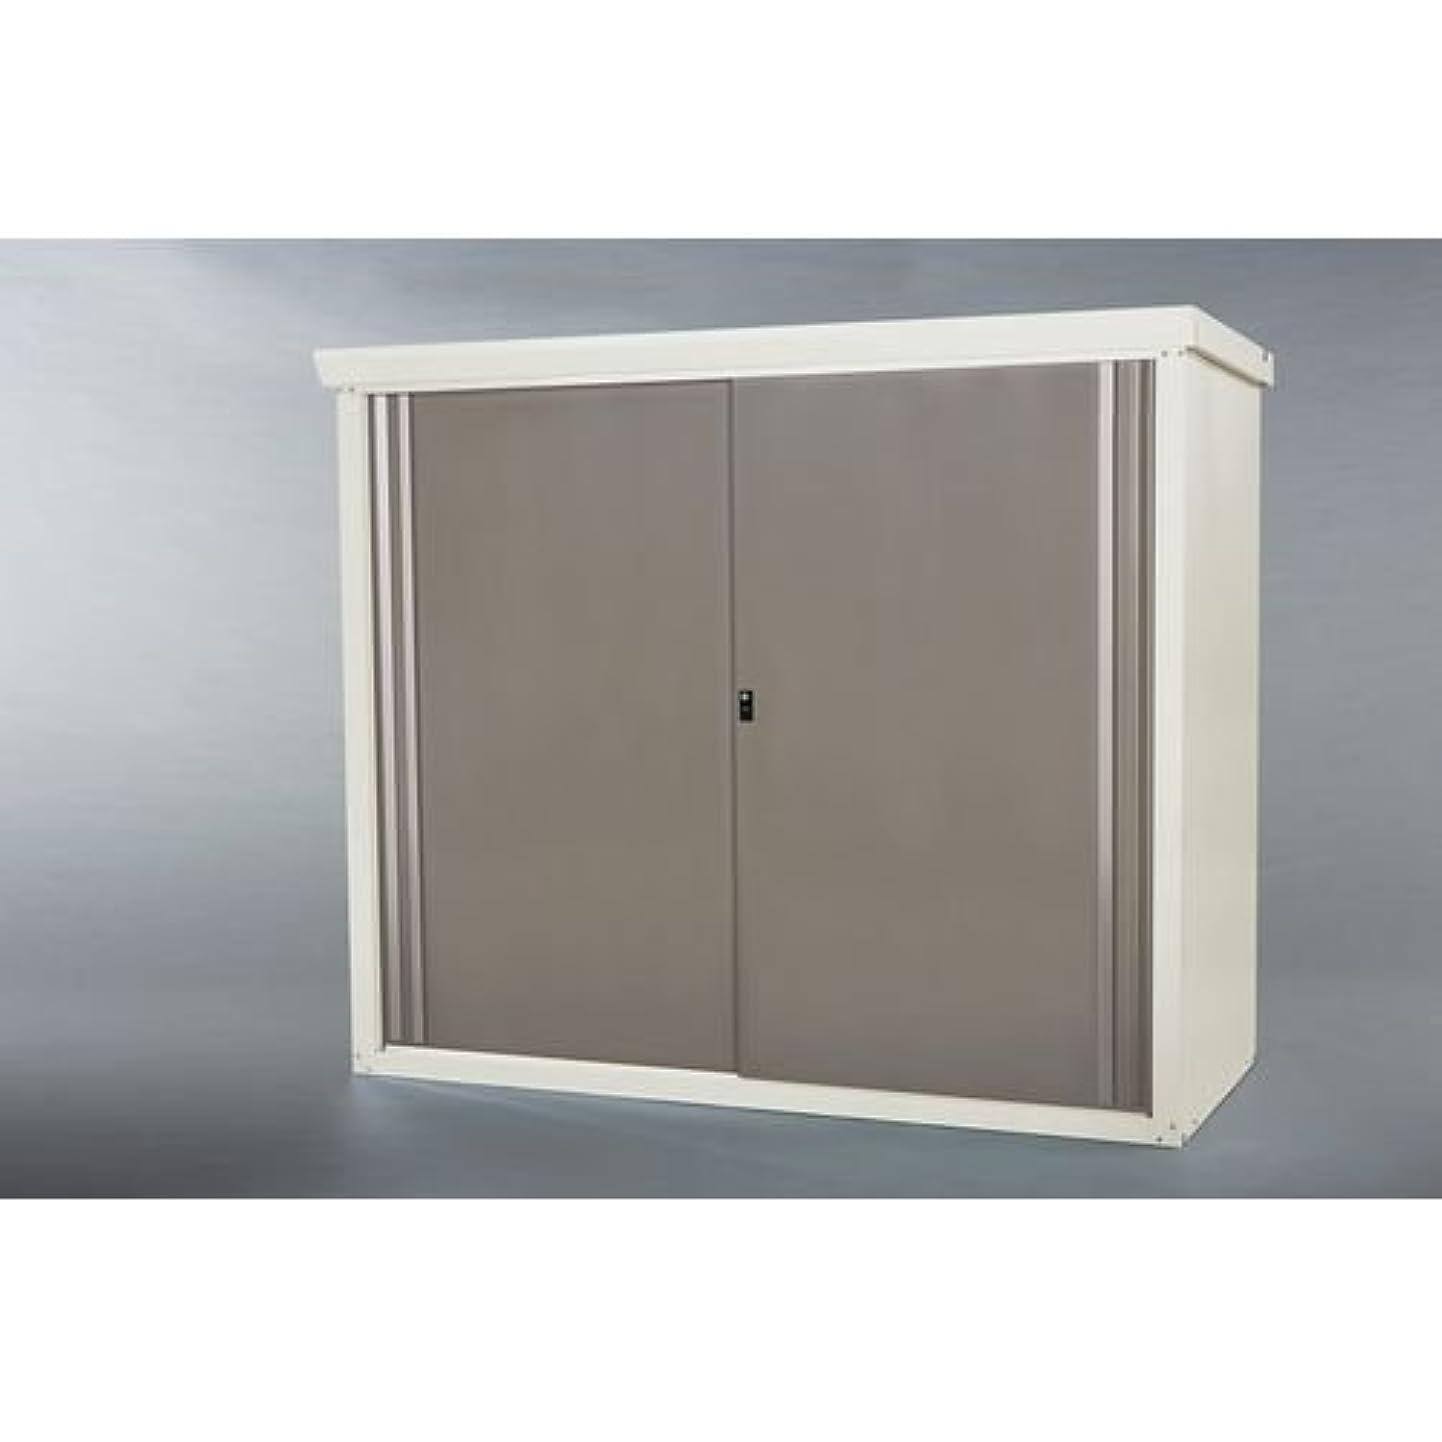 ミリメートル信頼性さようならグリーンライフ(GREEN LIFE) 中型収納庫 SRM-1815(TGY) 扉のどの位置にも手がかけられる 扉カラー:チタングレー